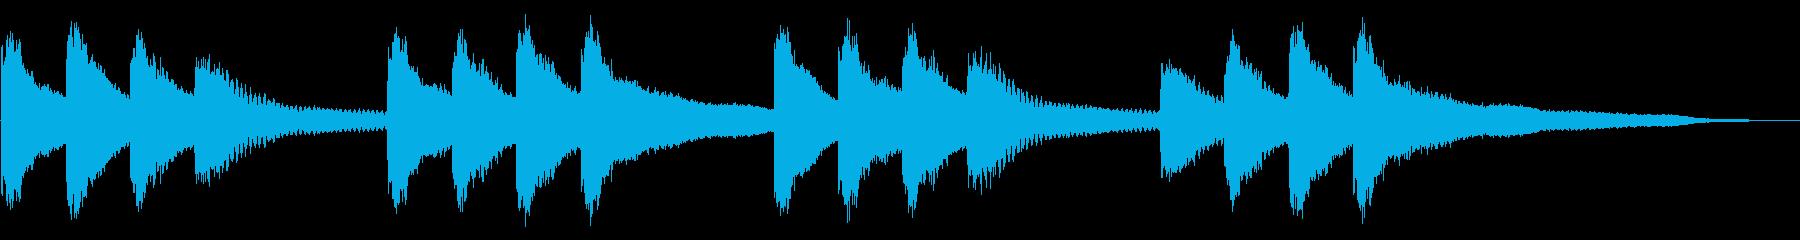 学校のチャイムキーンコーンカーンコーン②の再生済みの波形